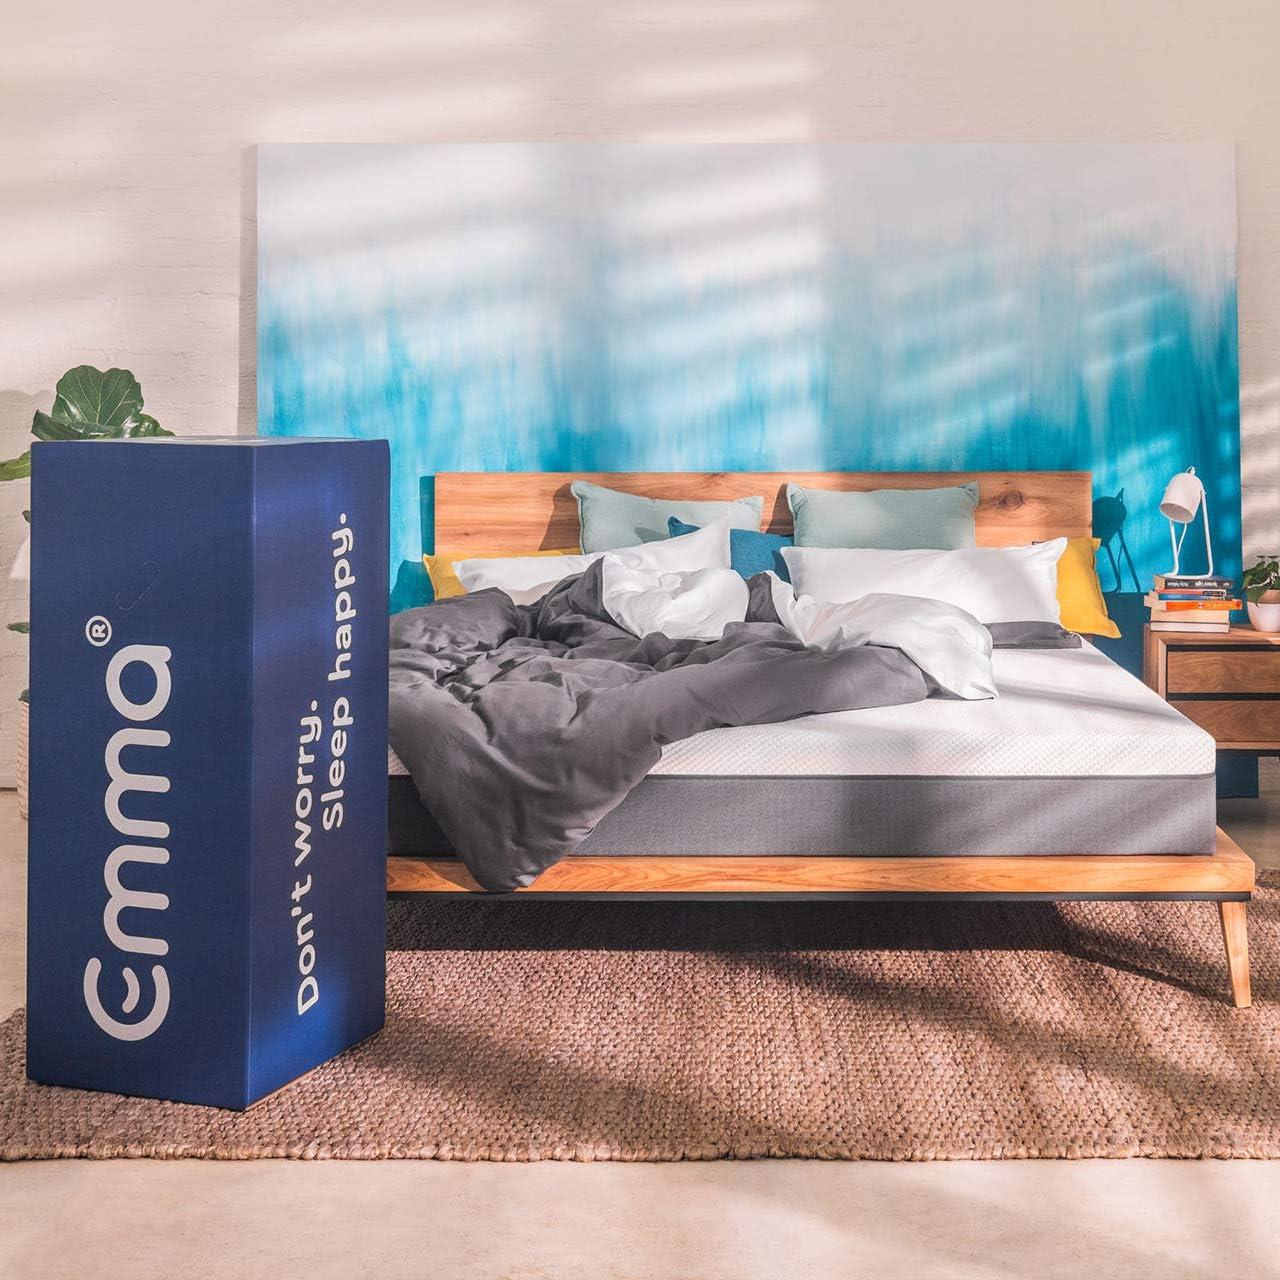 Colchón Emma Original, colchón más premiado de Europa, 100 Noches de Prueba, 10 años de garantía y envíos y devoluciones Gratis - 150x190cm